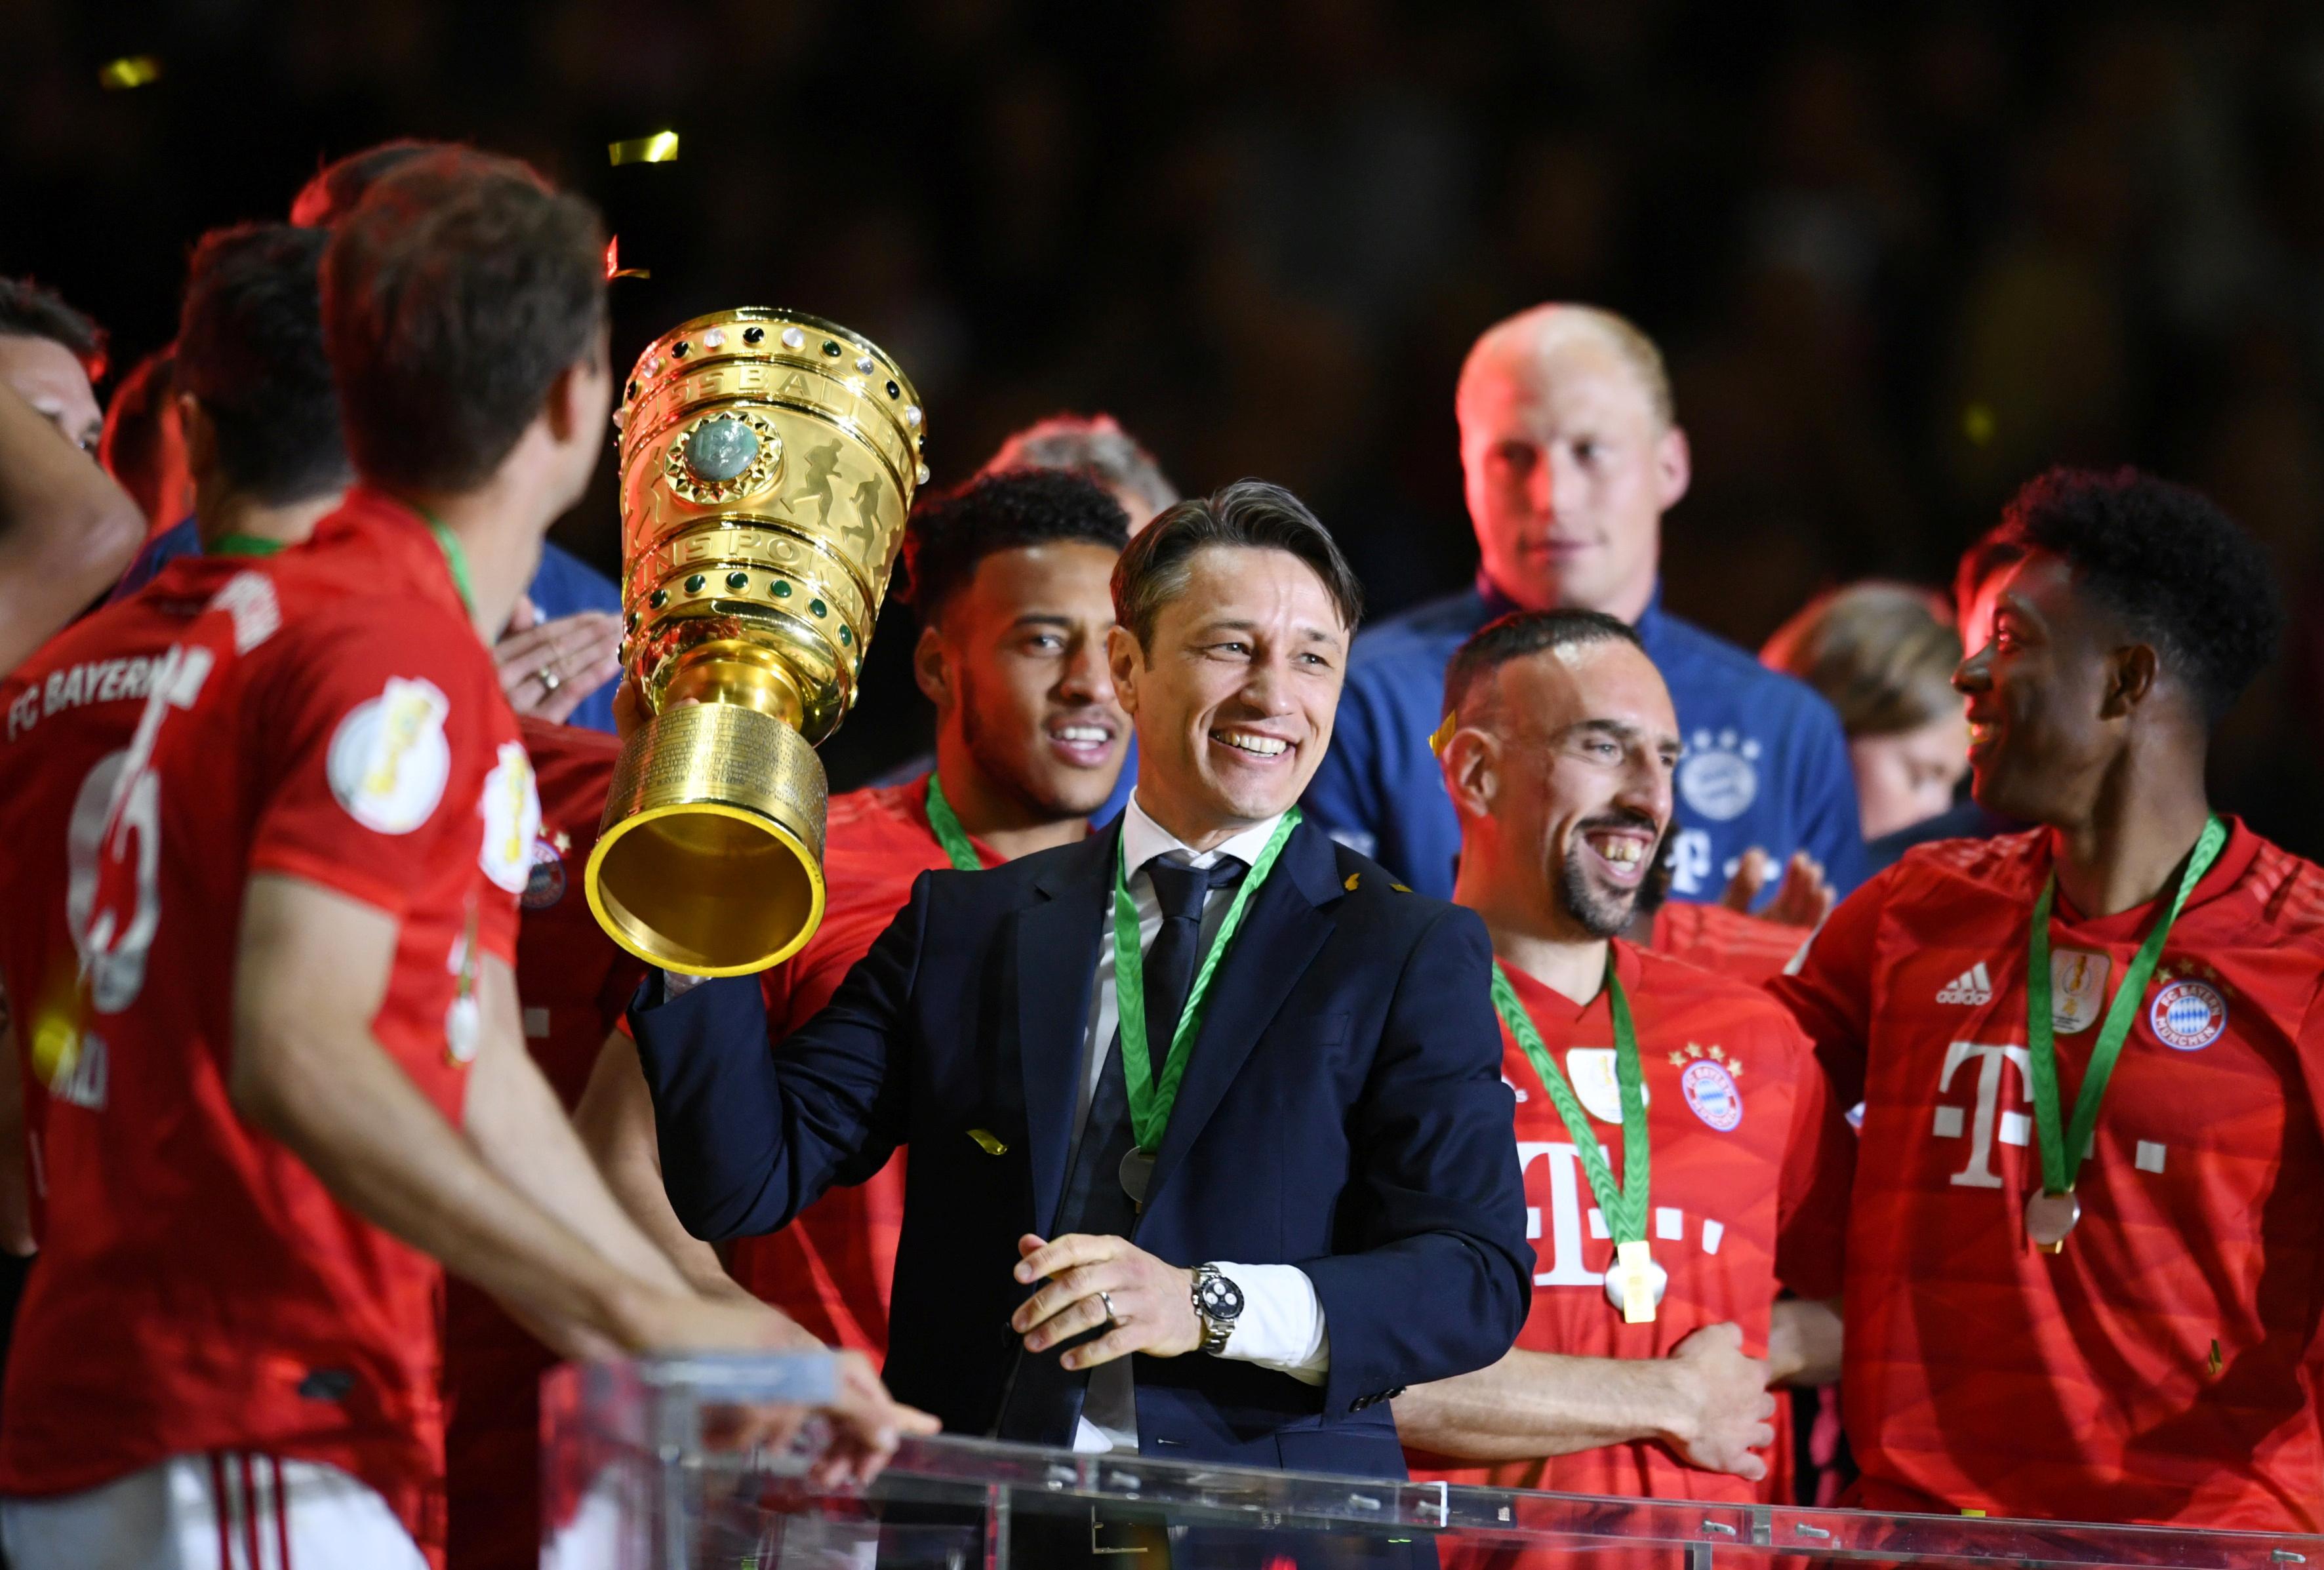 Football - Etranger - Le Bayern gagne la Coupe d'Allemagne et s'offre le doublé